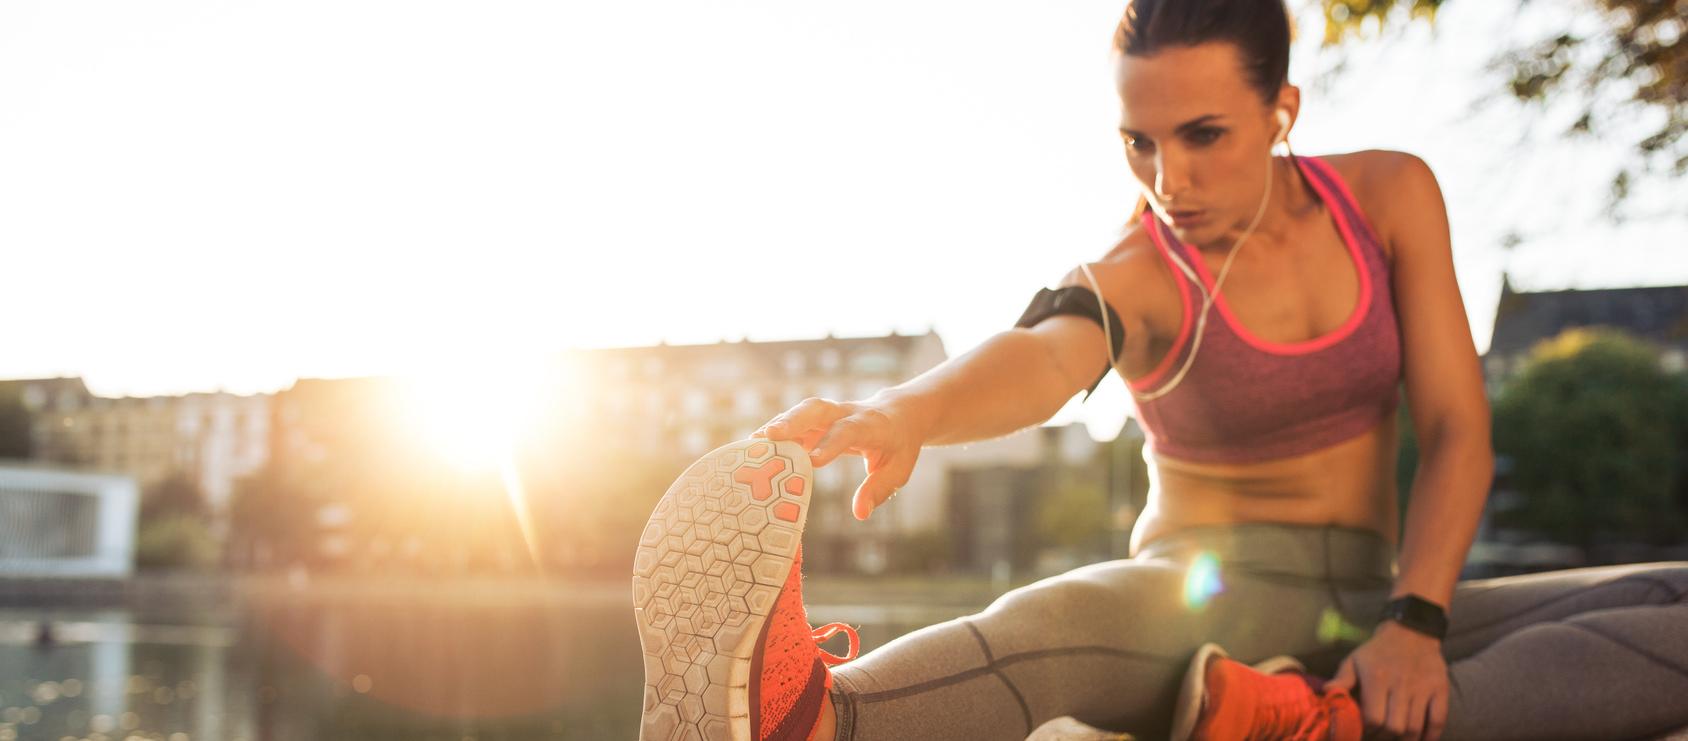 f2f01b60f66520 Jest mnóstwo ćwiczeń służących rozciąganiu mięśni, powstaje też coraz  więcej klubów fitness proponujących różne zajęcia strechingu (czyli  rozciągania).